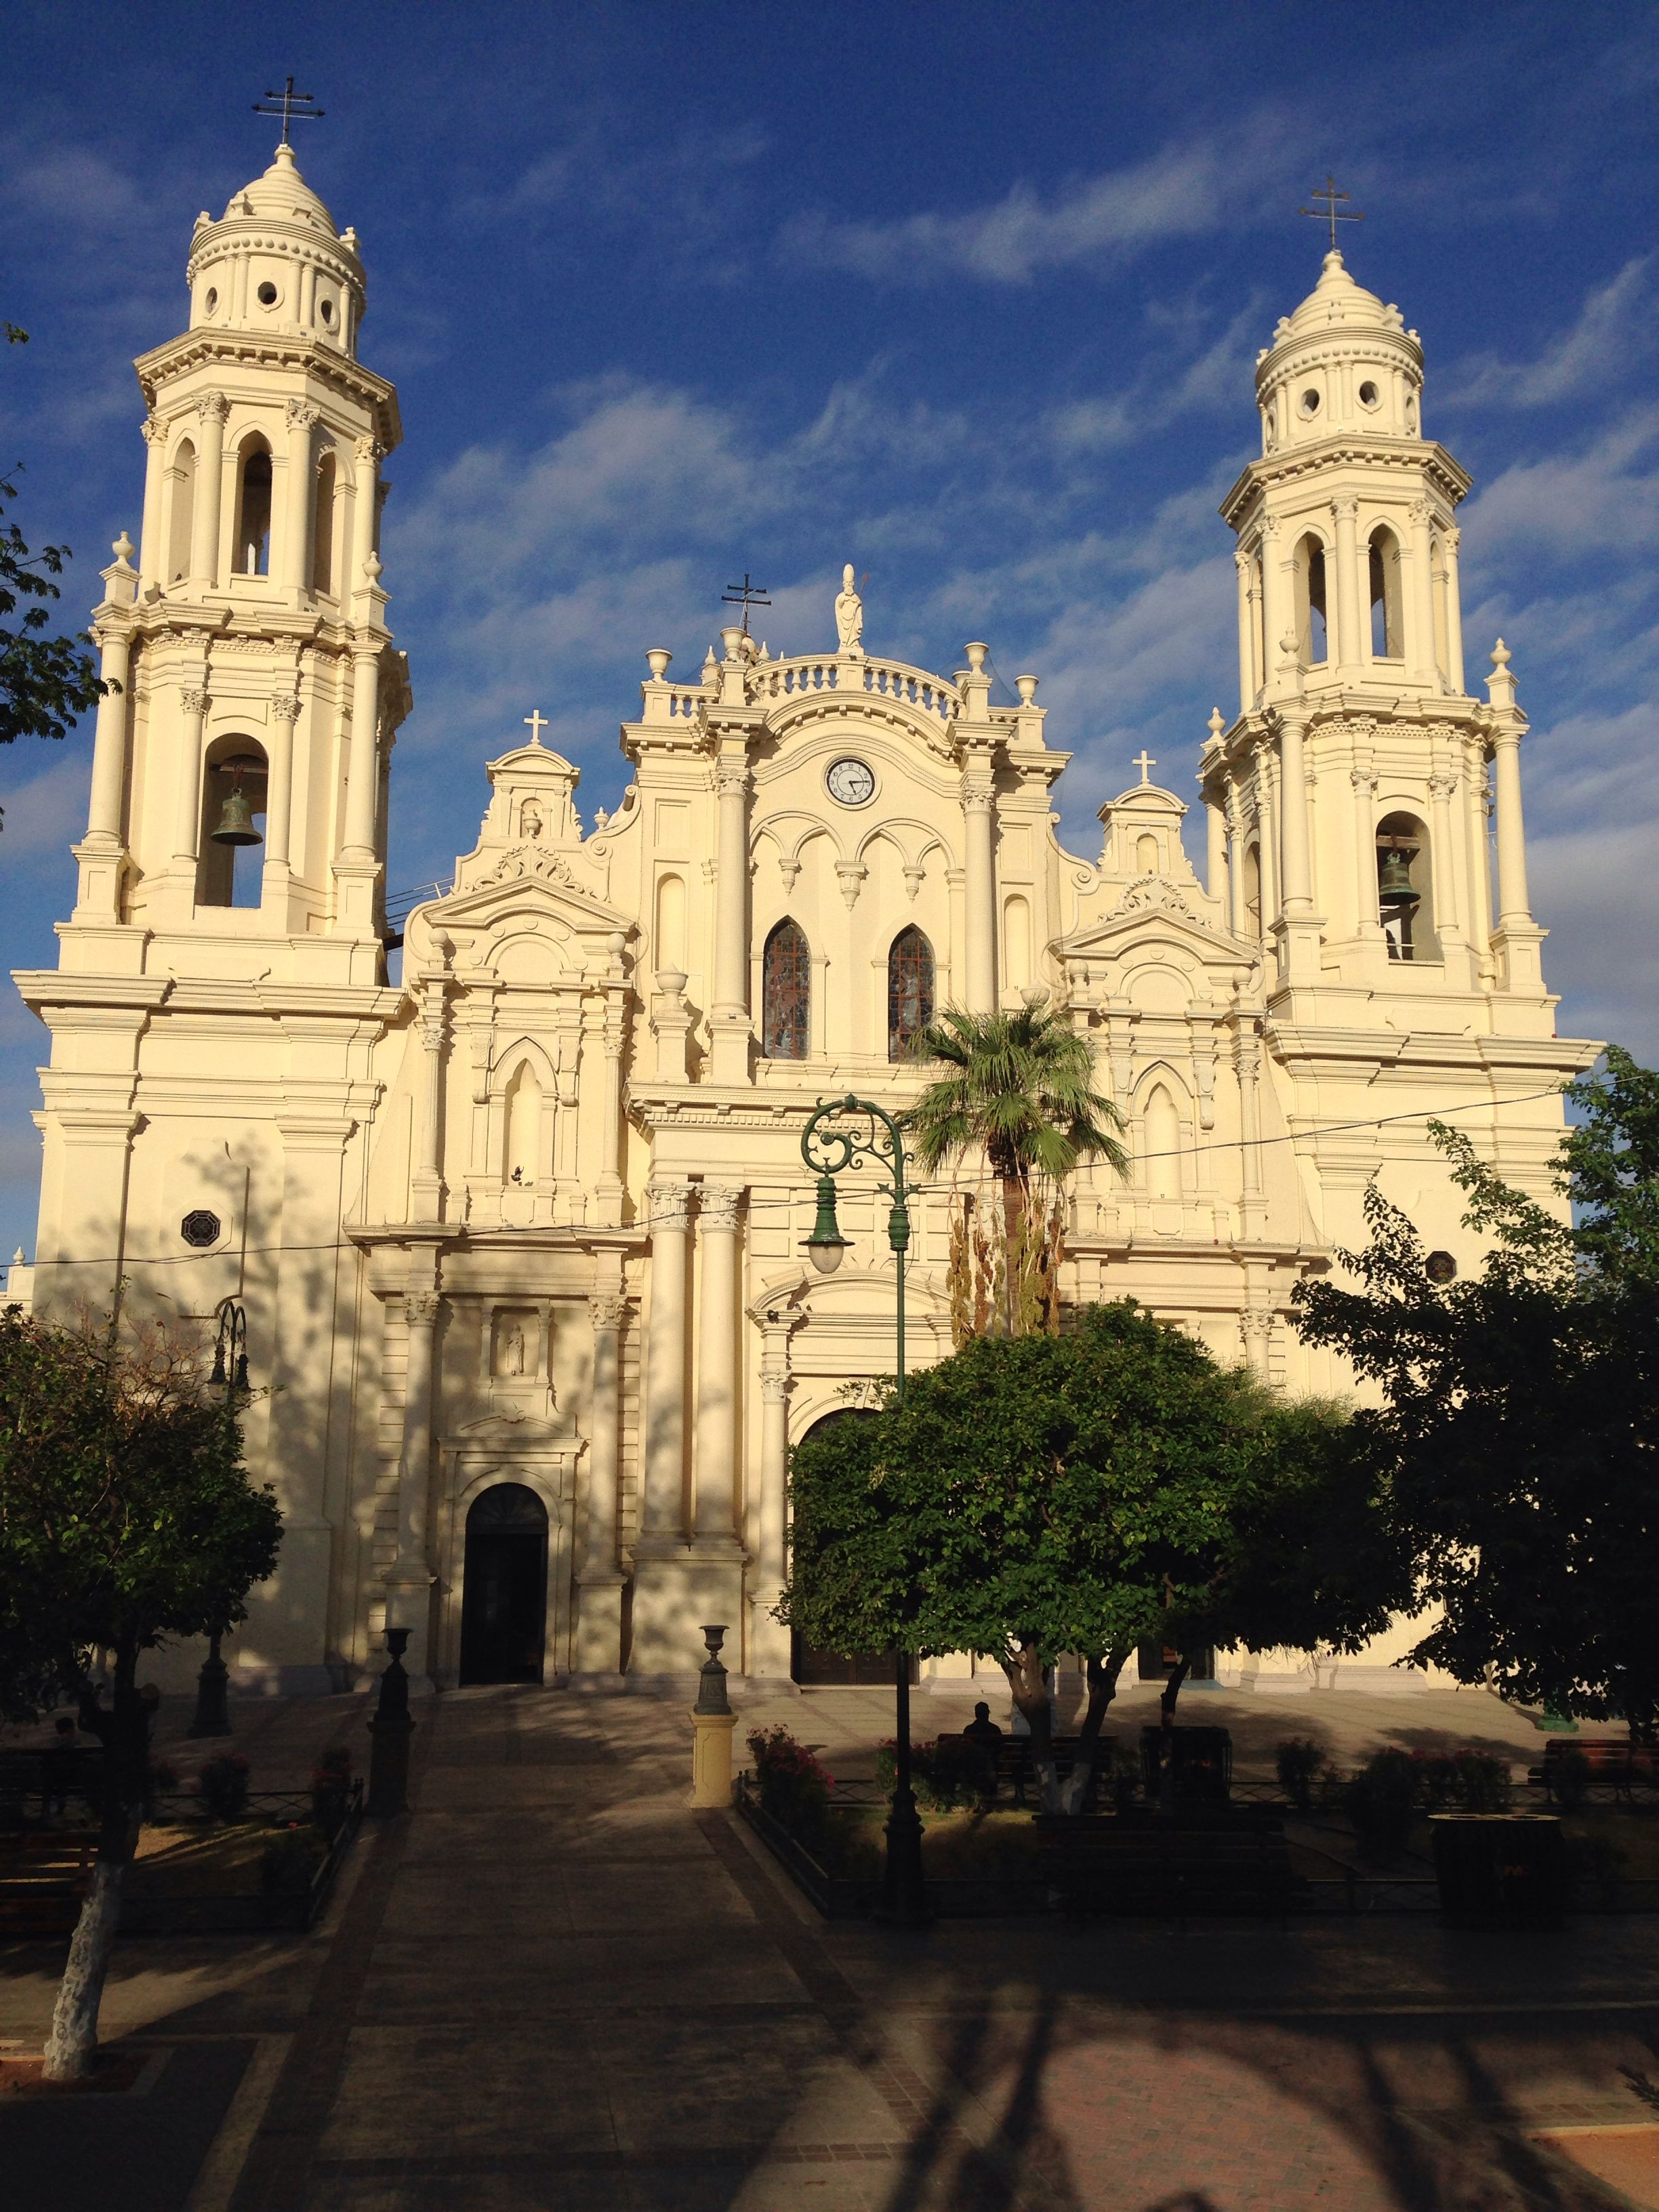 La Catedral De Hermosillo Sonora Dedicada Virgen